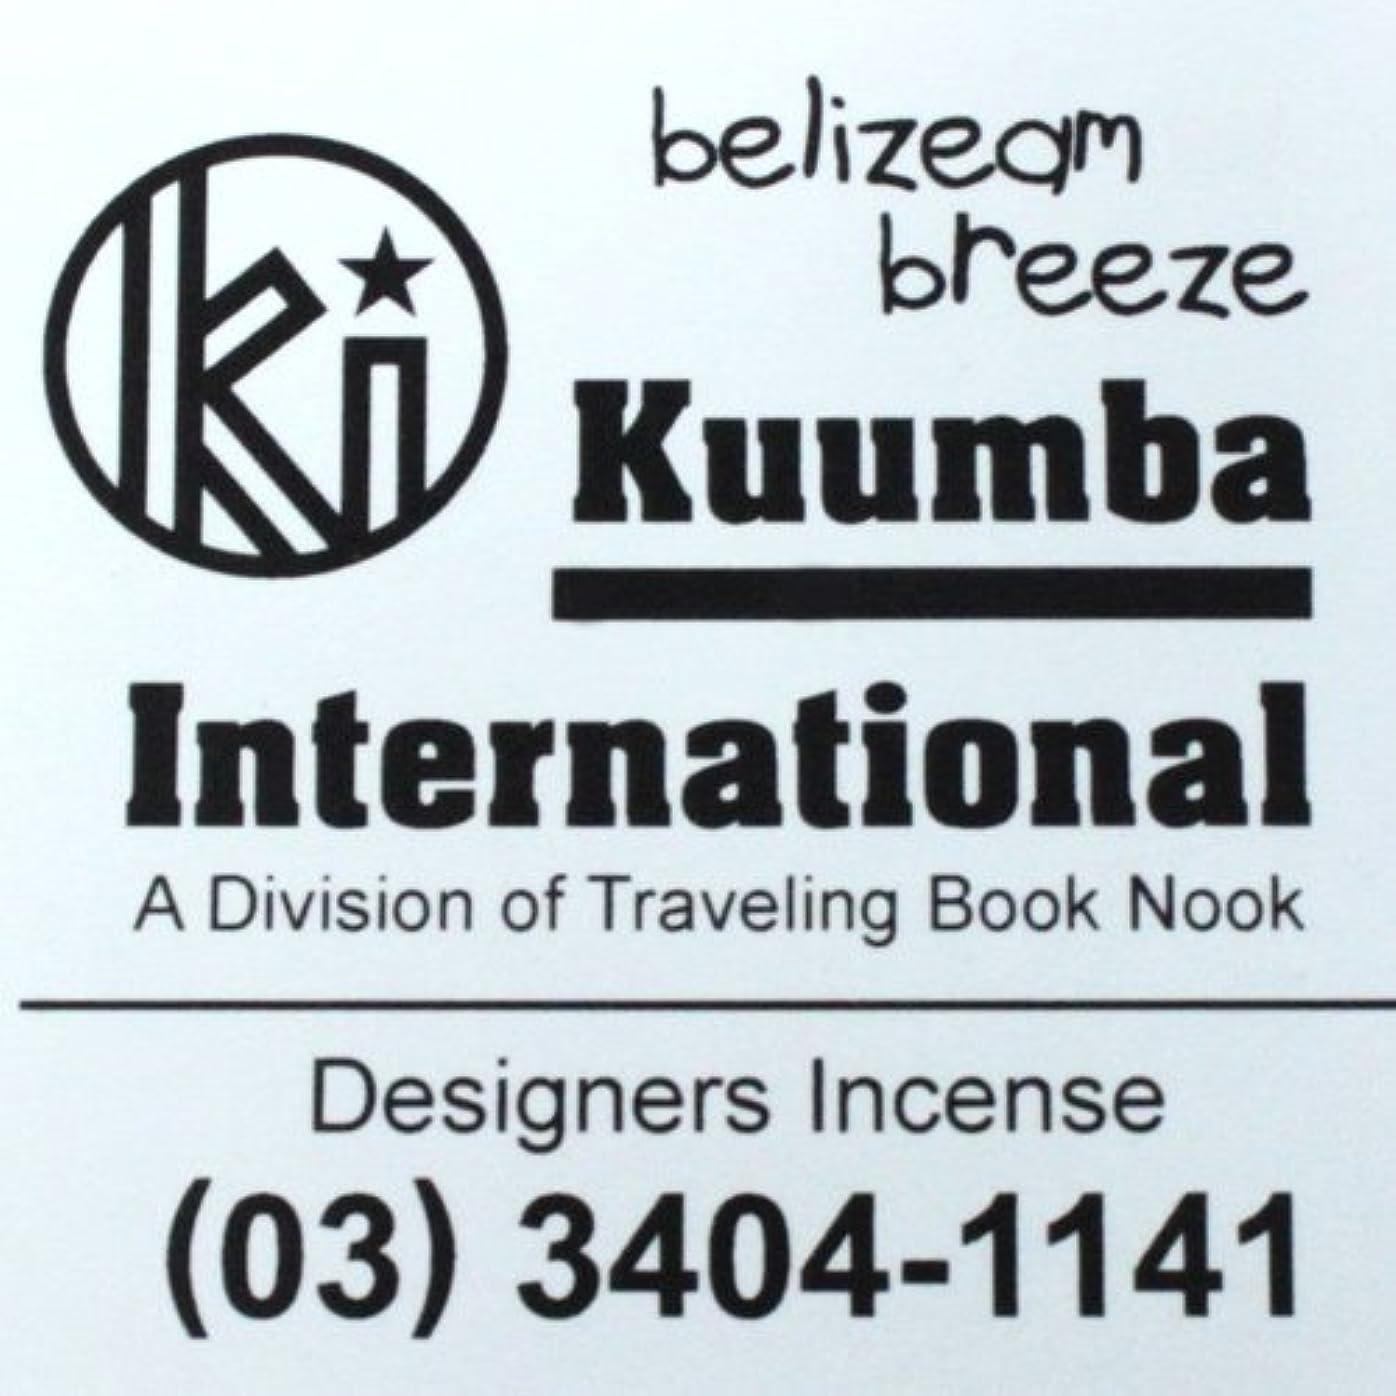 休憩サイトライン衝突KUUMBA (クンバ)『incense』(belizeam breeze) (Regular size)